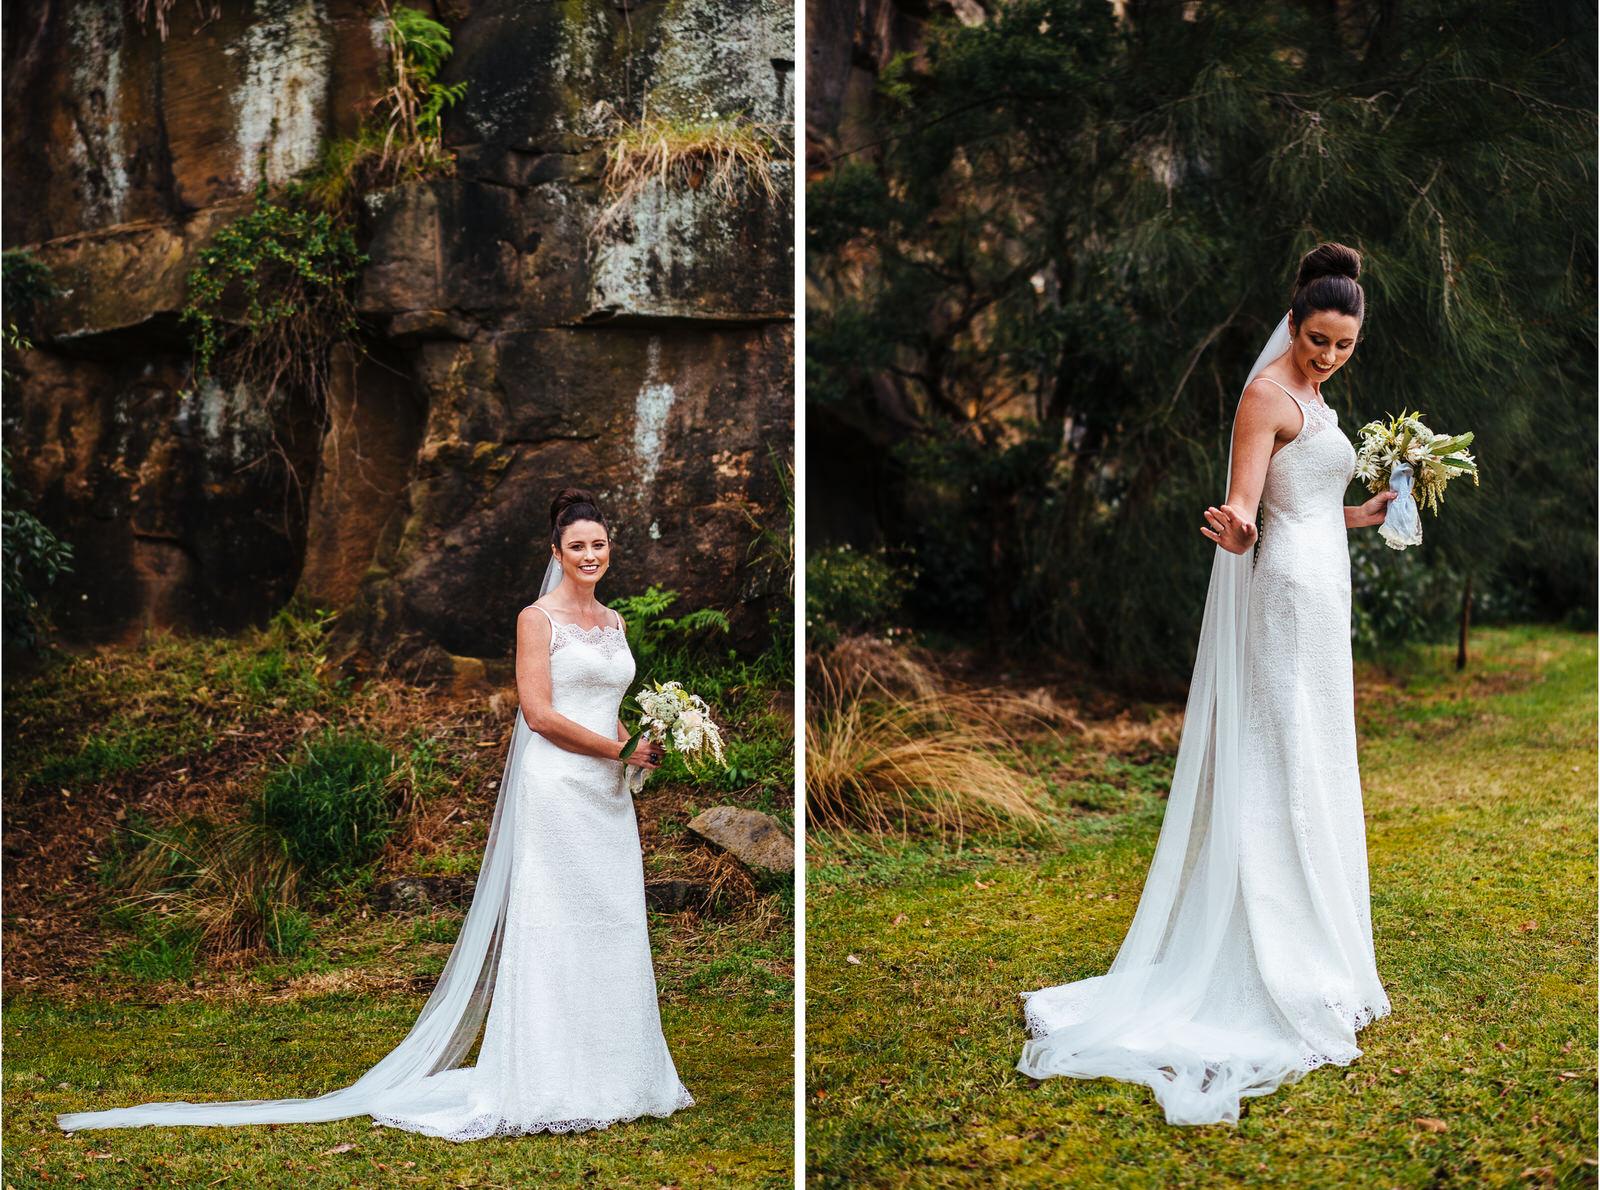 addy_matt_wedding_greenwich_sailing_club-23a